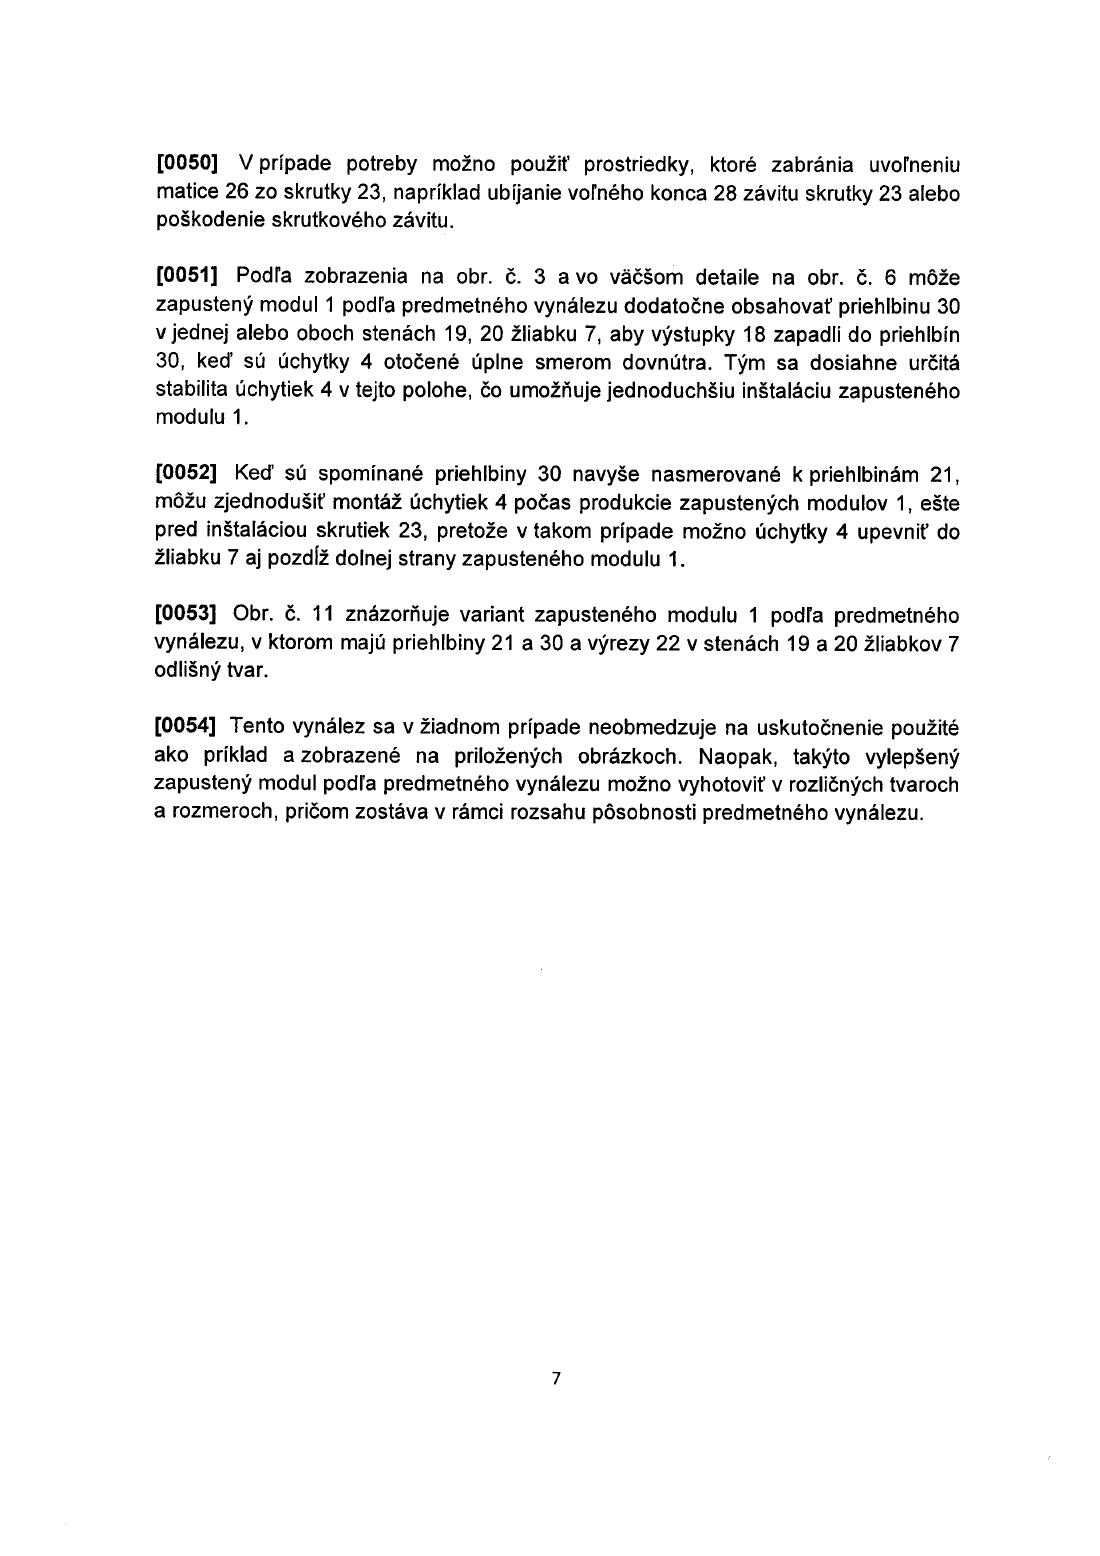 d84daa54580a1 Vylepšený zapustený modul — 08.03.2006 — E 14622 — Databáza patentov ...